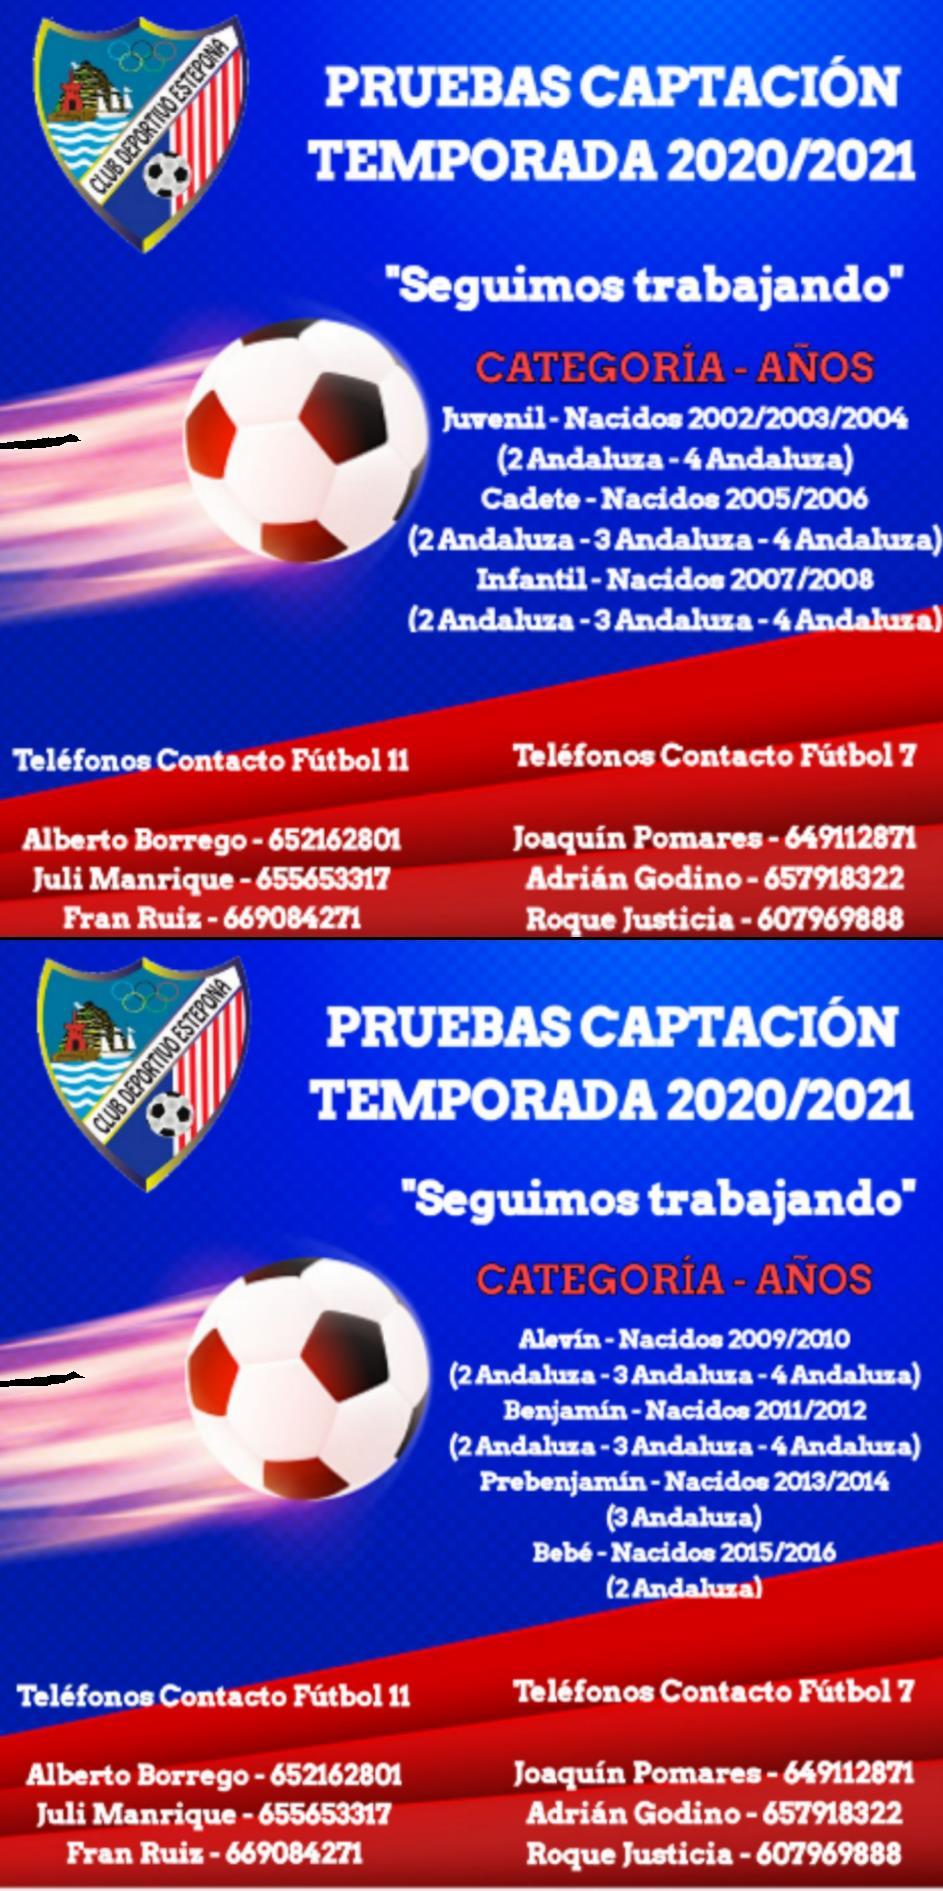 PRUEBAS CAPTACIÓN 2020/2021